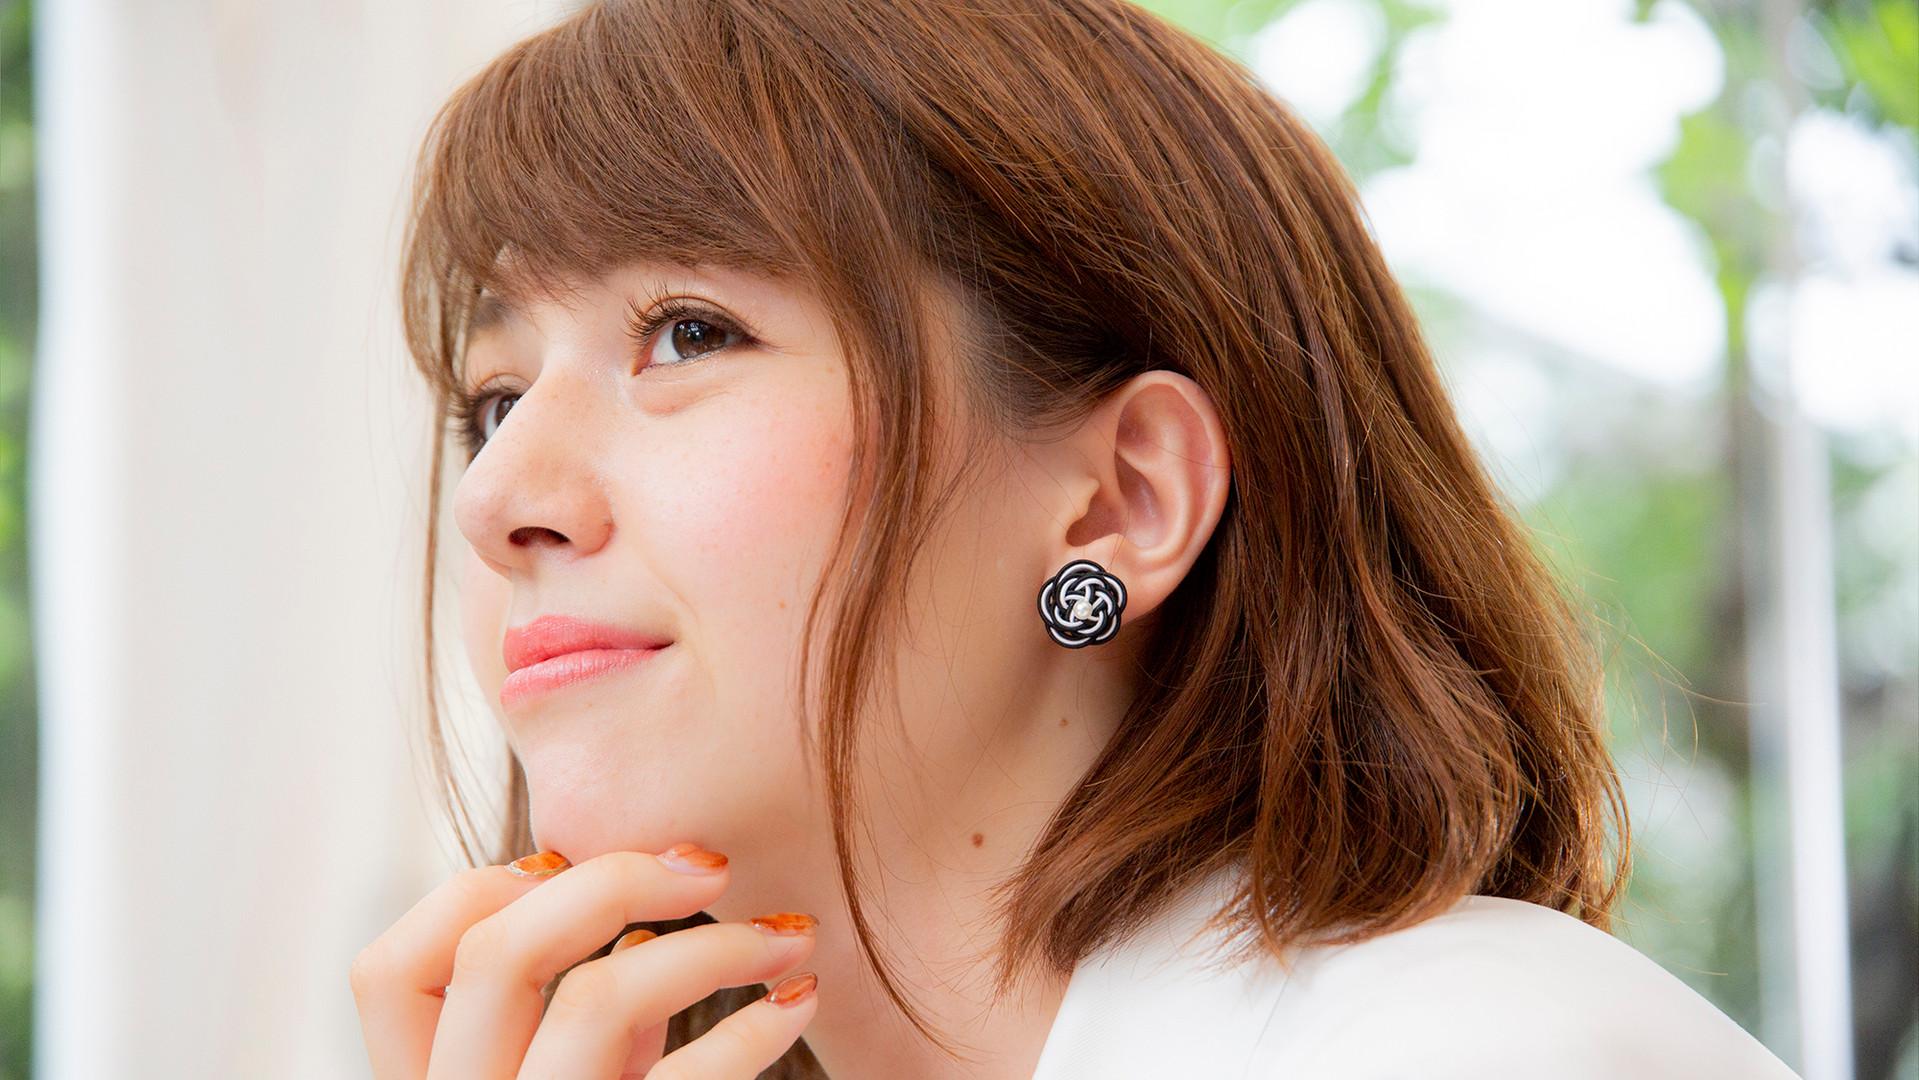 model_30_s.jpg